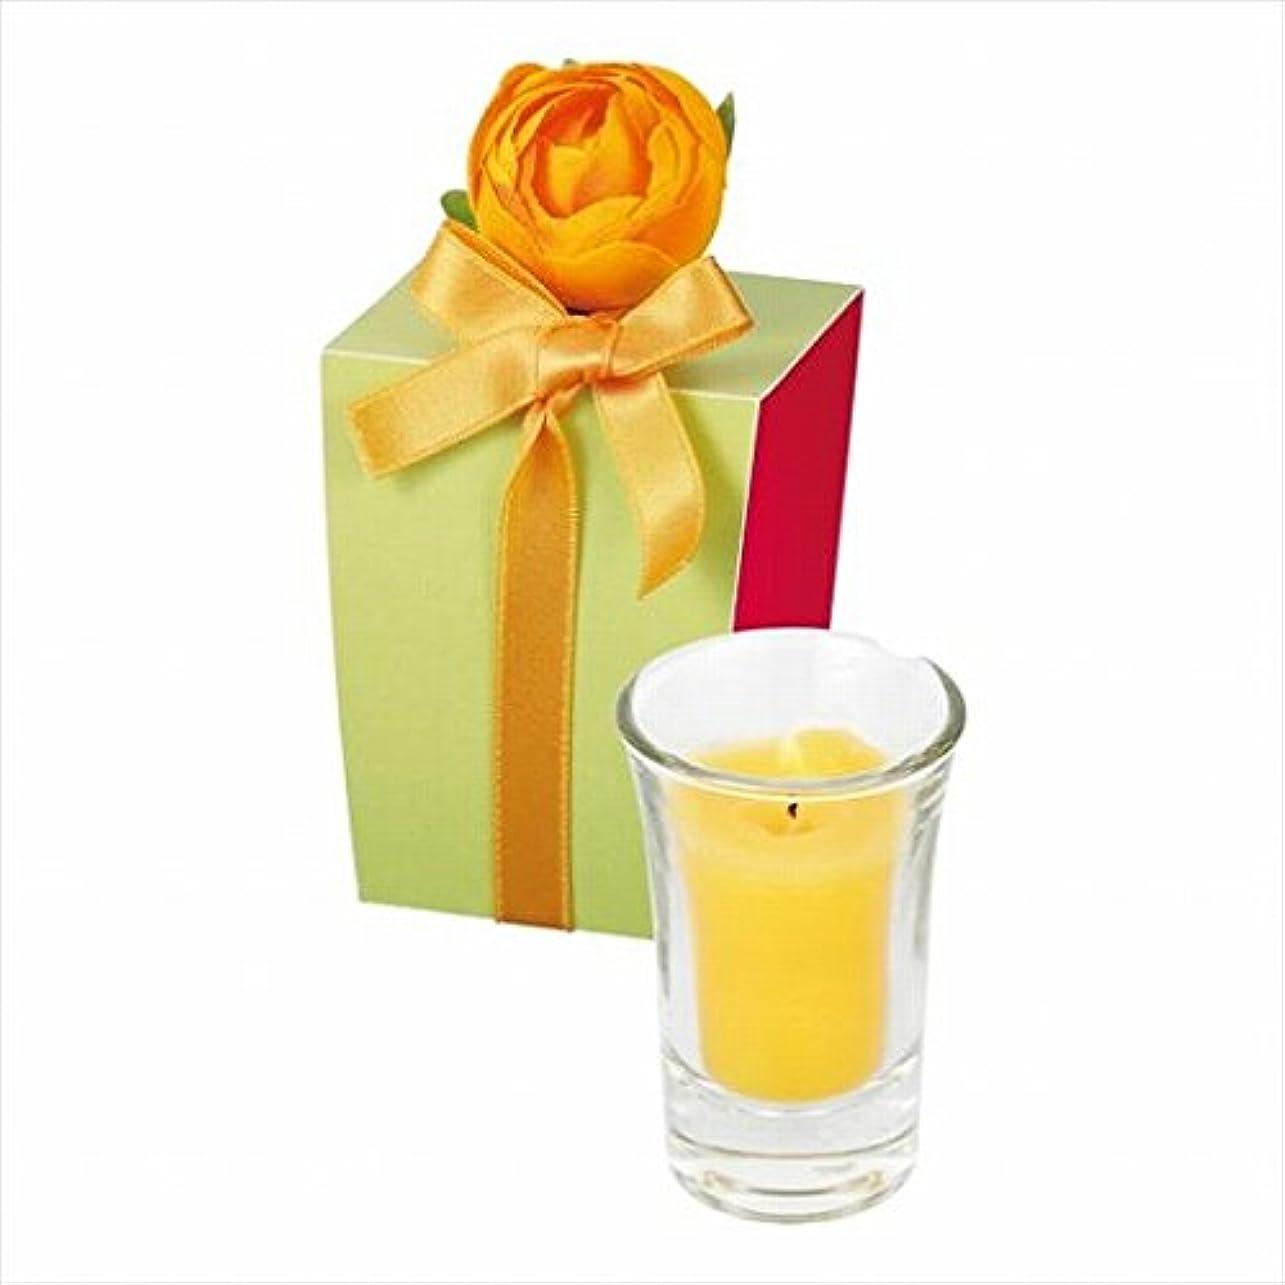 かんたんドット化学薬品カメヤマキャンドル(kameyama candle) ラナンキュラスグラスキャンドル 「 イエロー 」